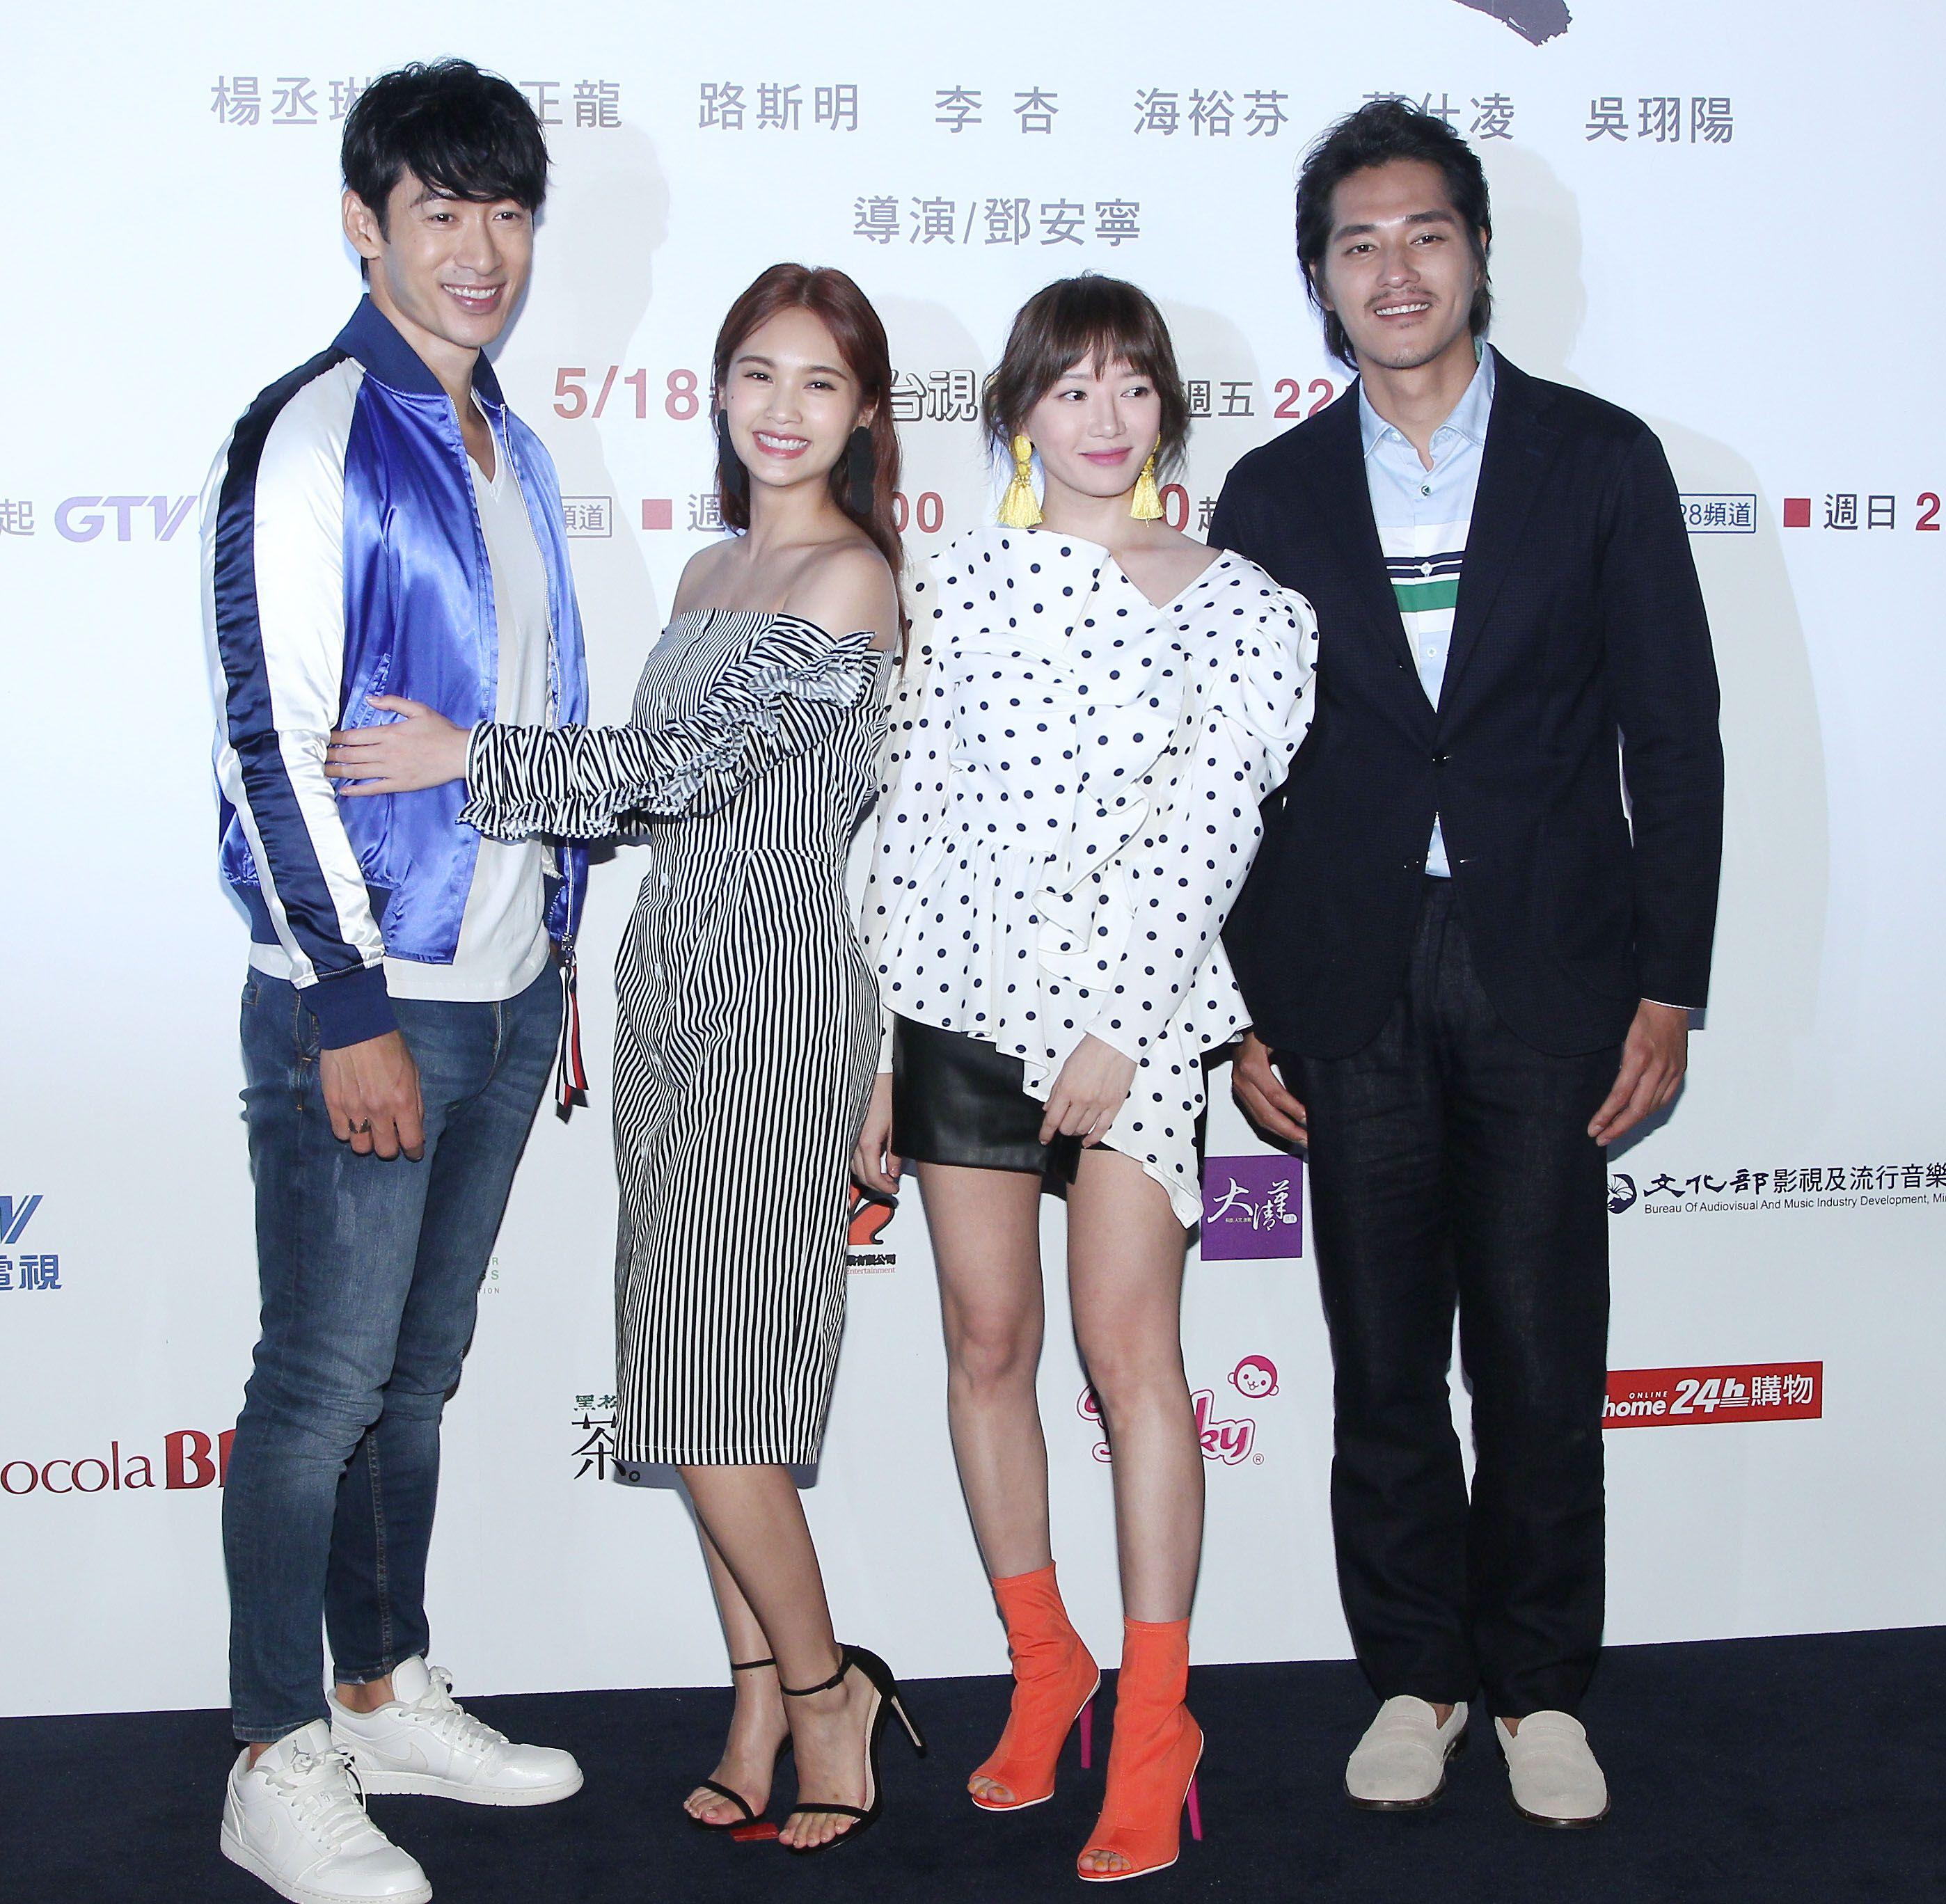 「前男友不是人」演員路斯明、楊丞琳、藍正龍、李杏。(記者邱榮吉/攝影)